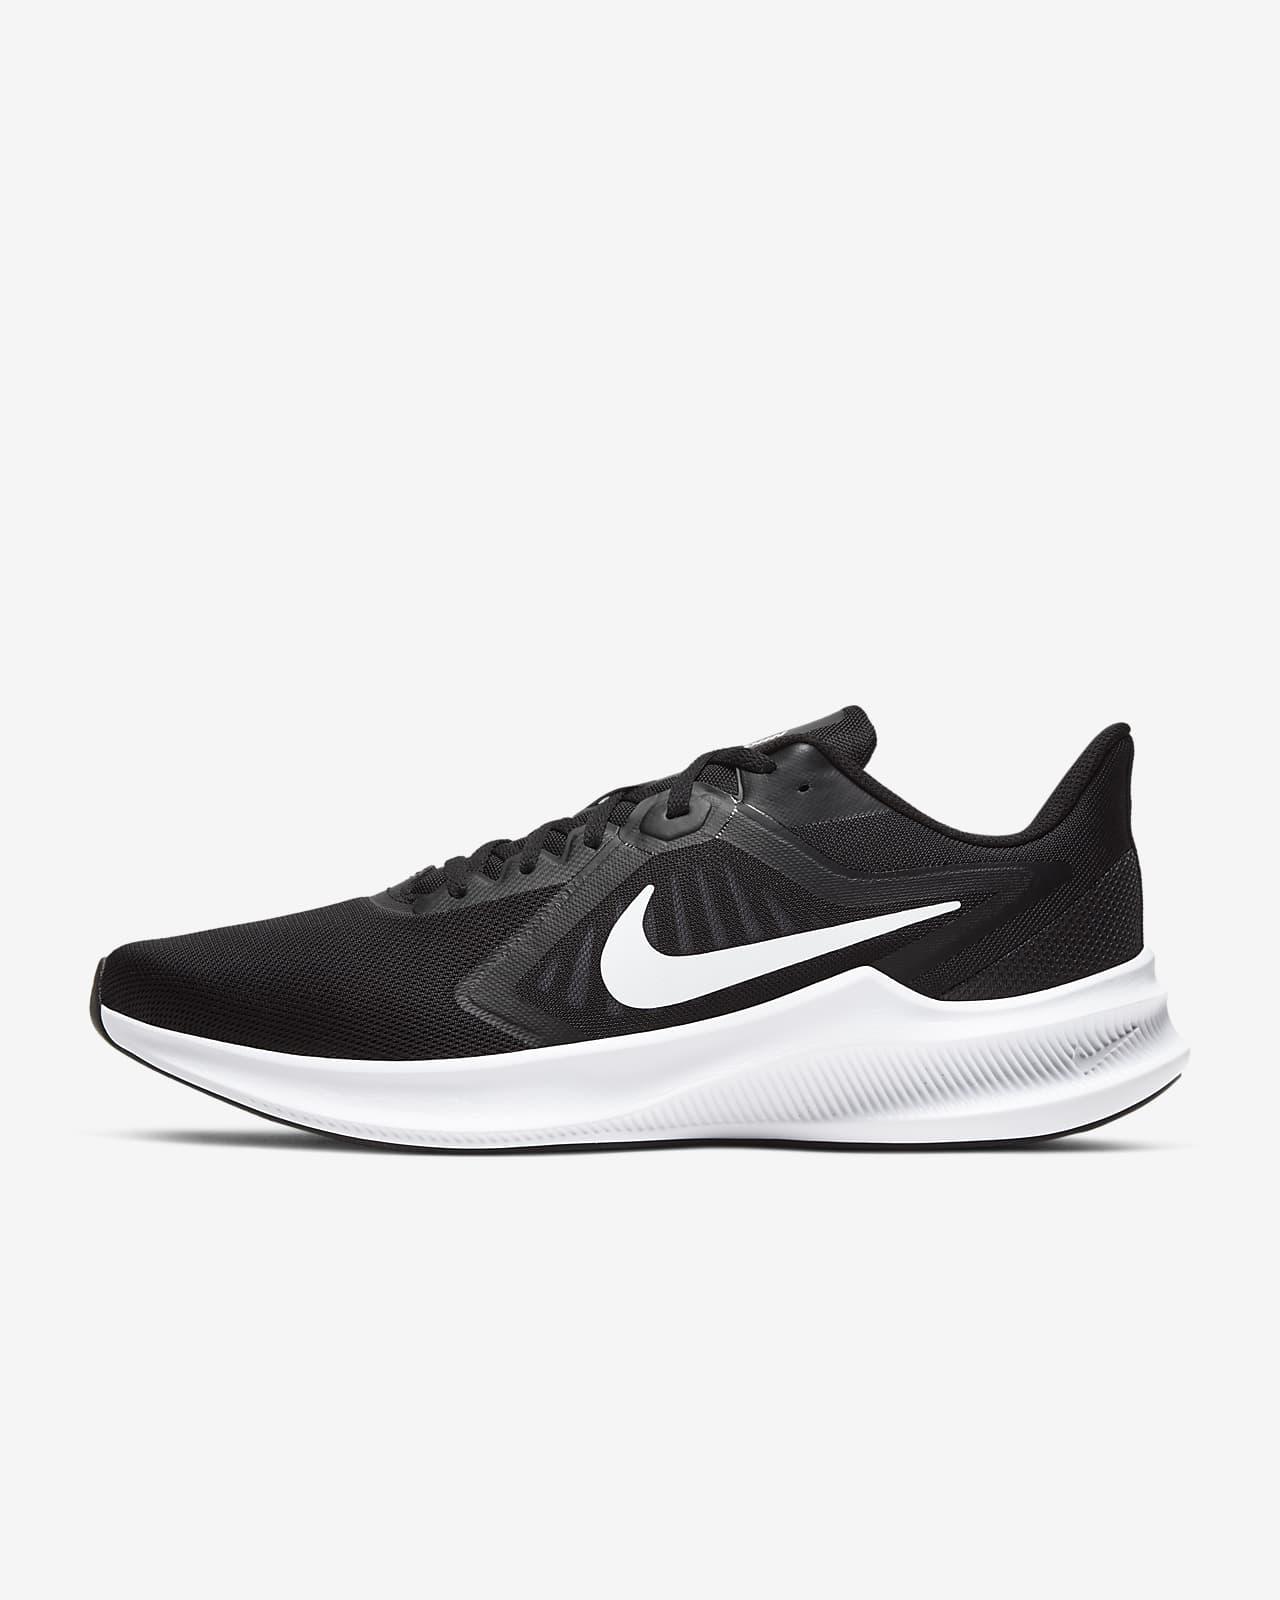 Pánské běžecké silniční boty Nike Downshifter10